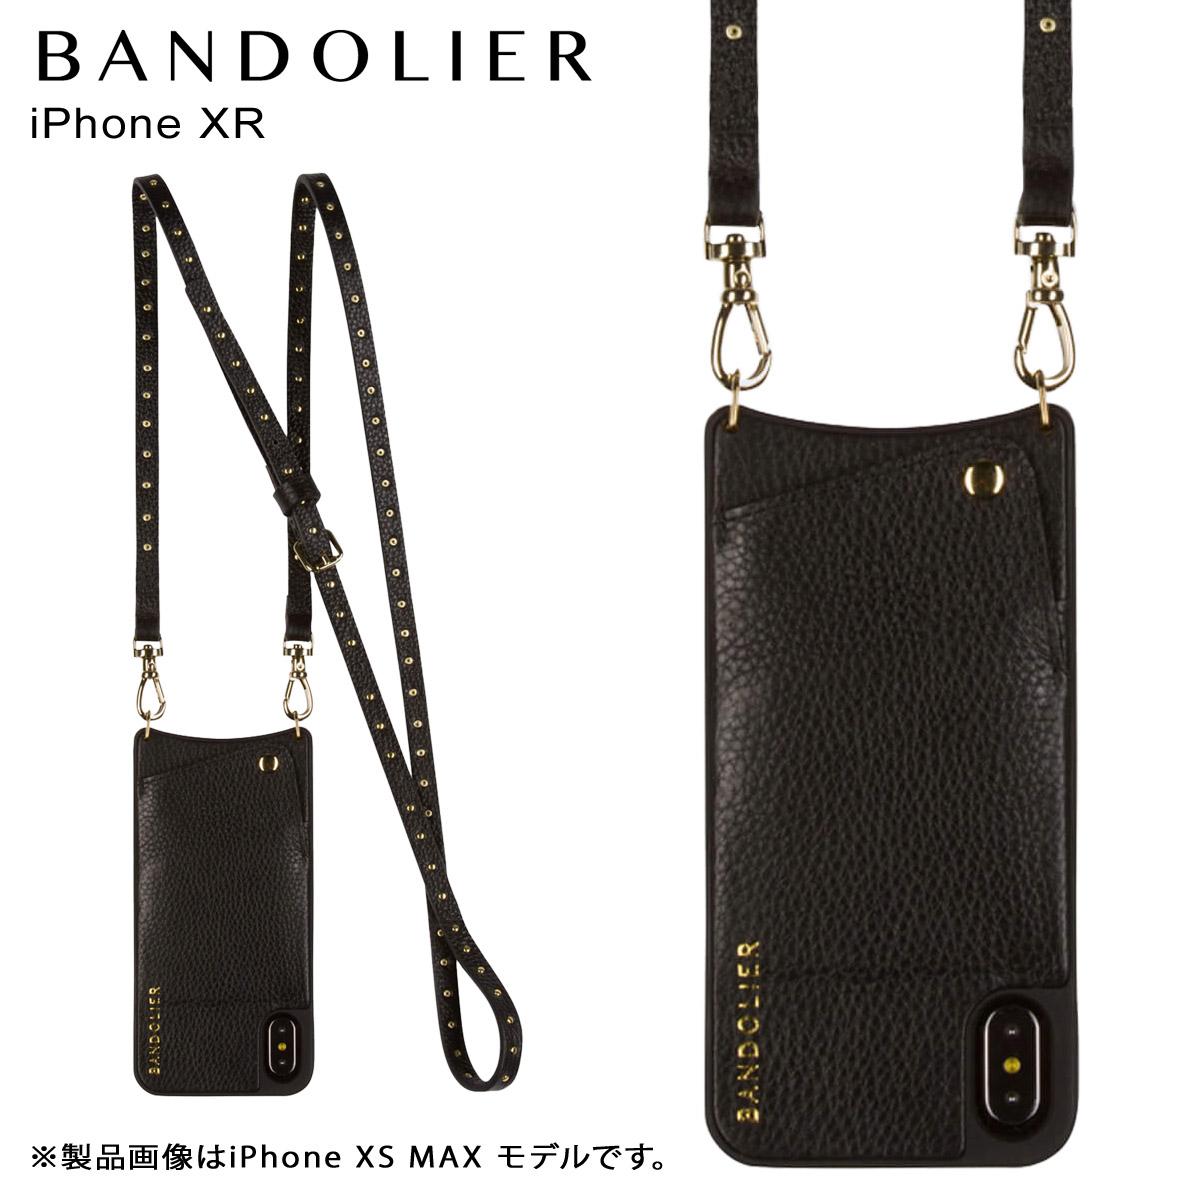 バンドリヤー BANDOLIER iPhone XR ケース ショルダー スマホ アイフォン レザー NICOLE GOLD メンズ レディース ブラック 黒 10NIC1001 [4/18 再入荷]